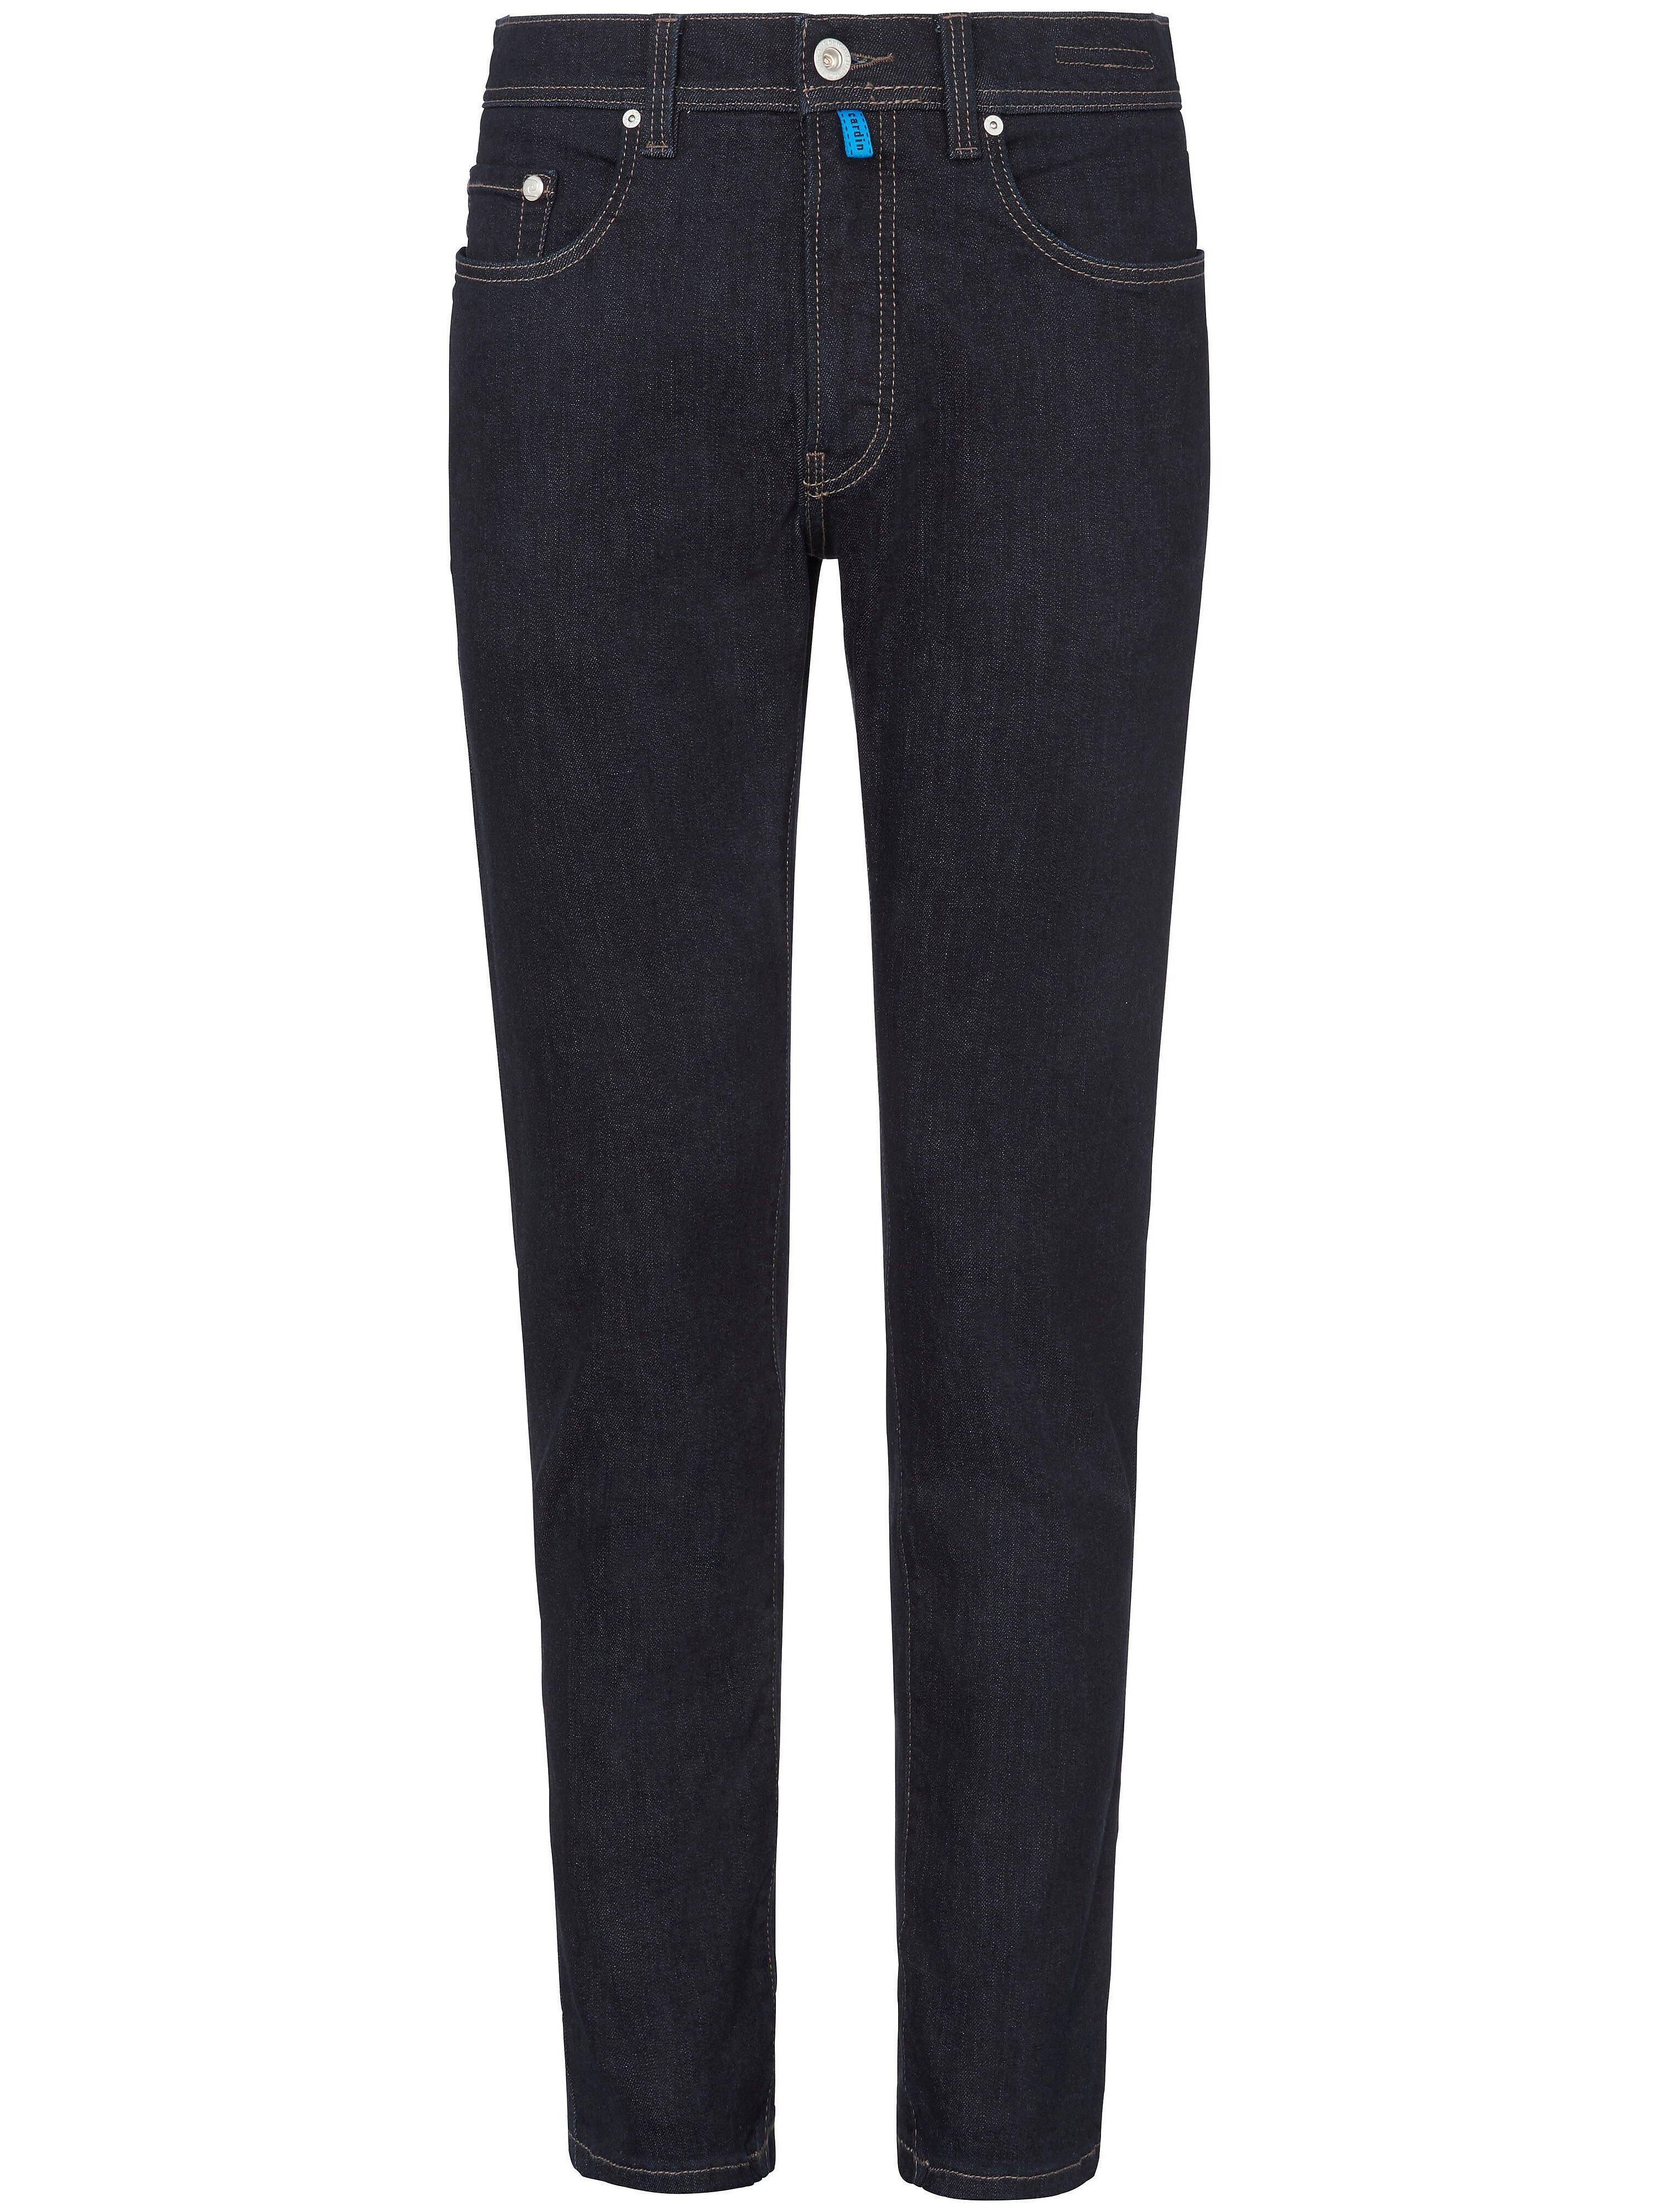 Jeans, model Lyon tapered Van Pierre Cardin denim